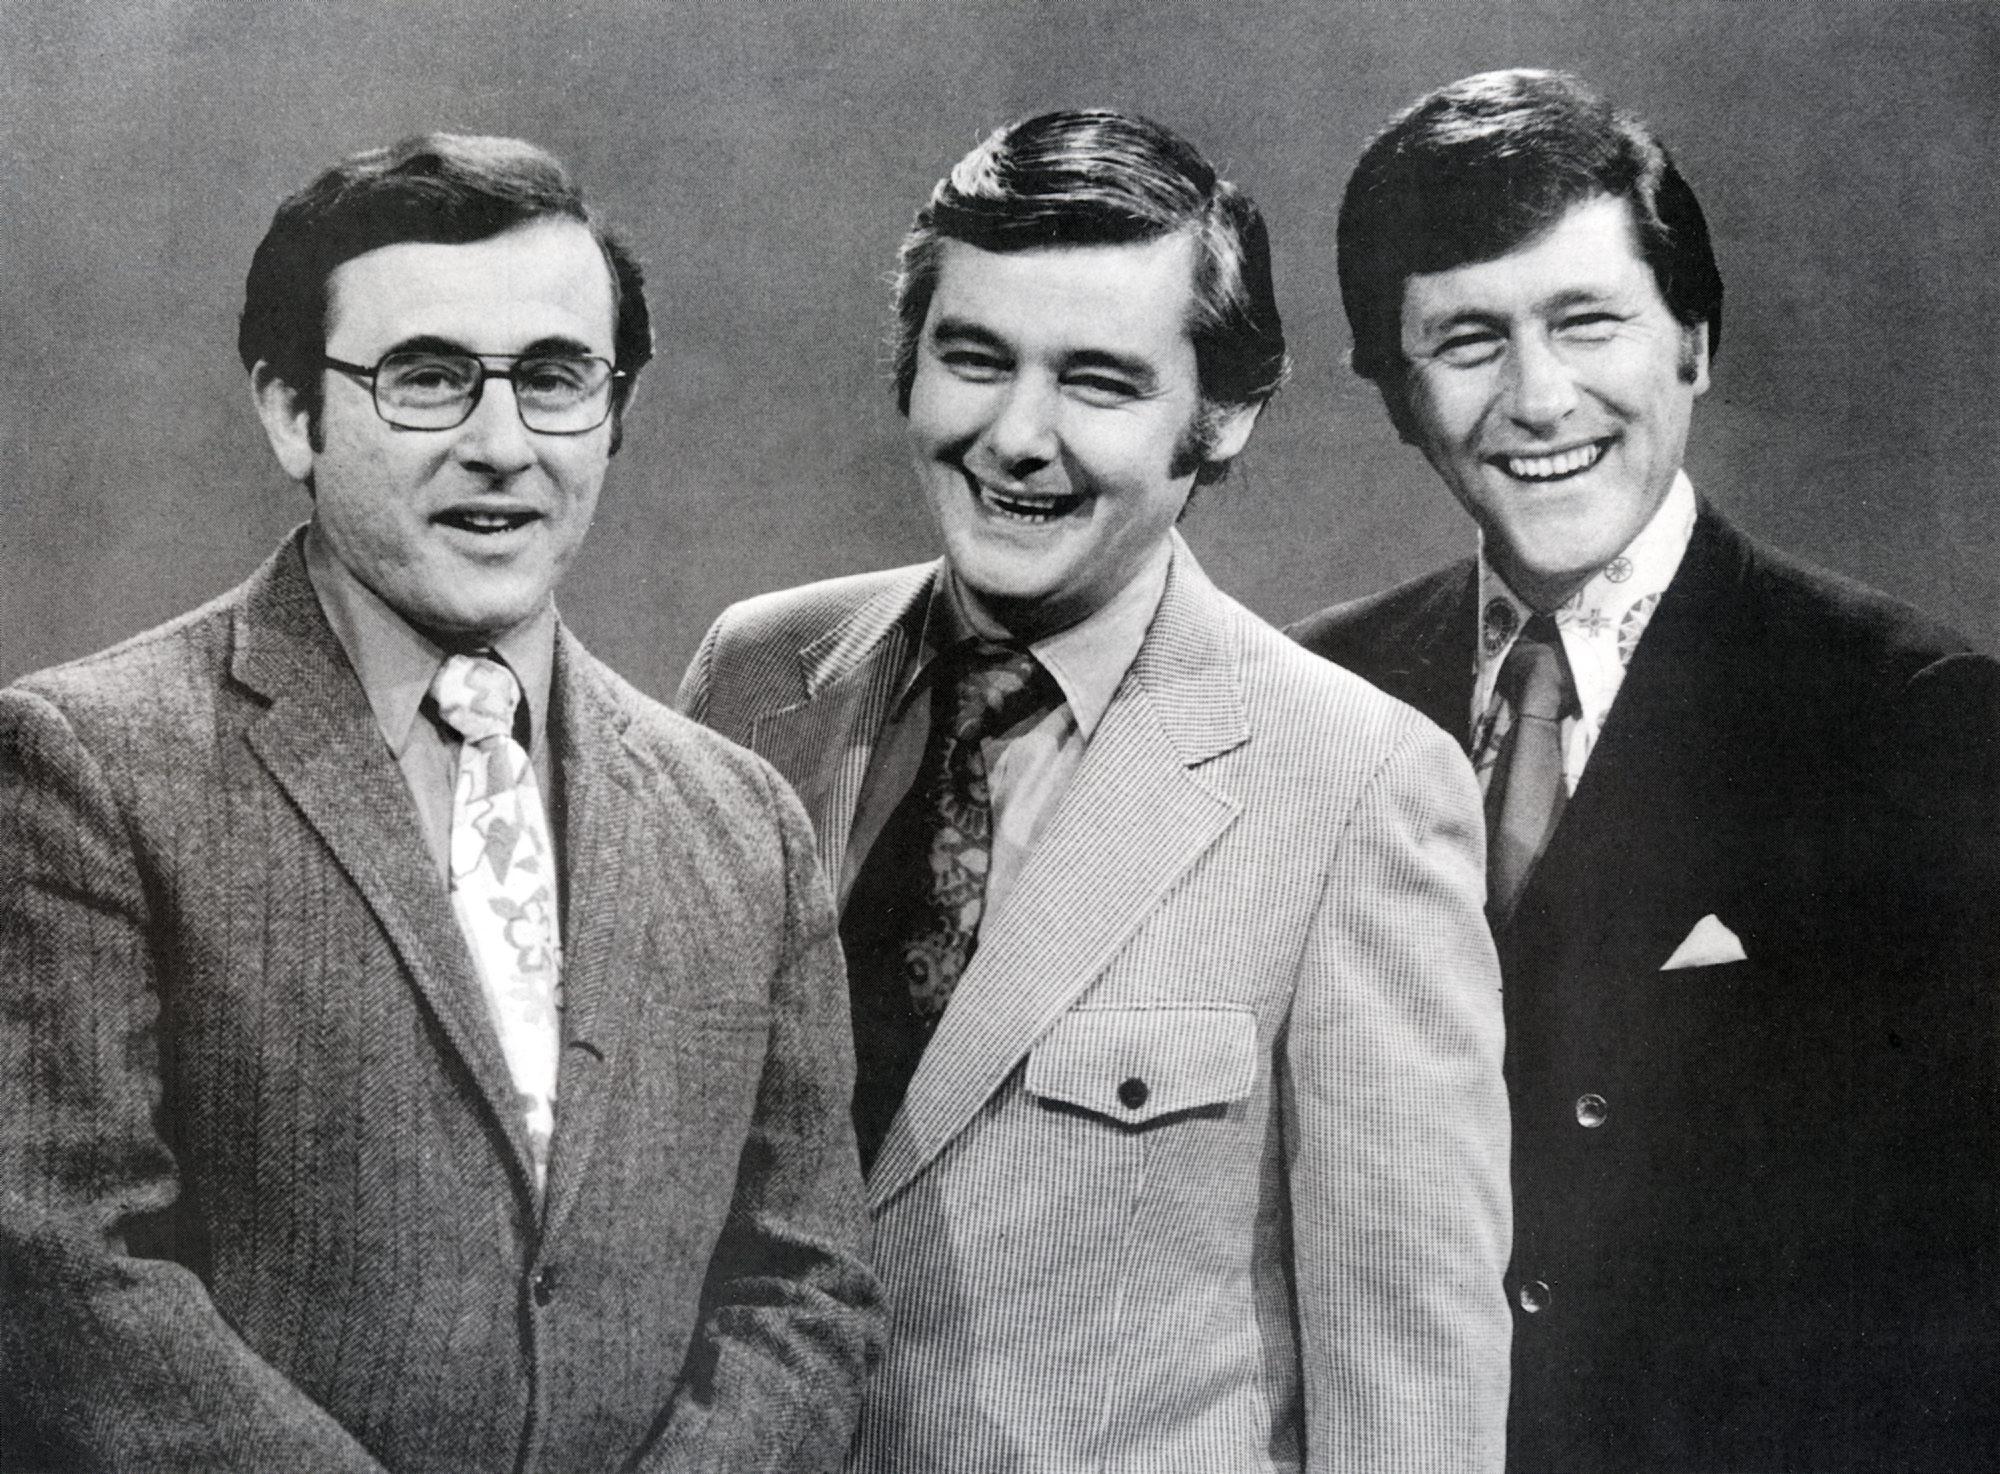 The popular Channel 7 team: Irv Weinstein, Rick Azar and Tom Jolls.